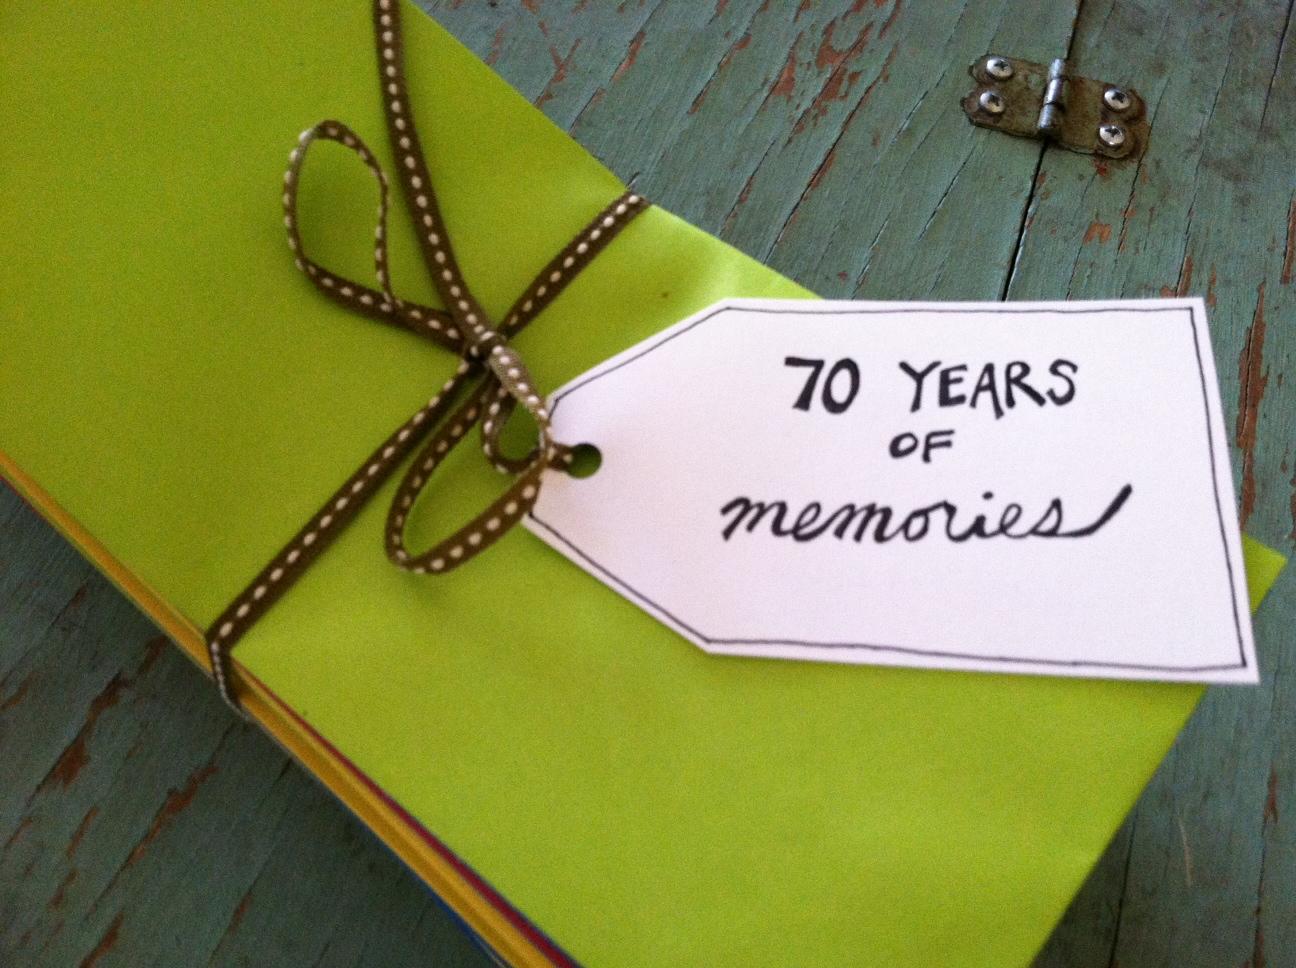 The Third Boob 70 Years Of Memories